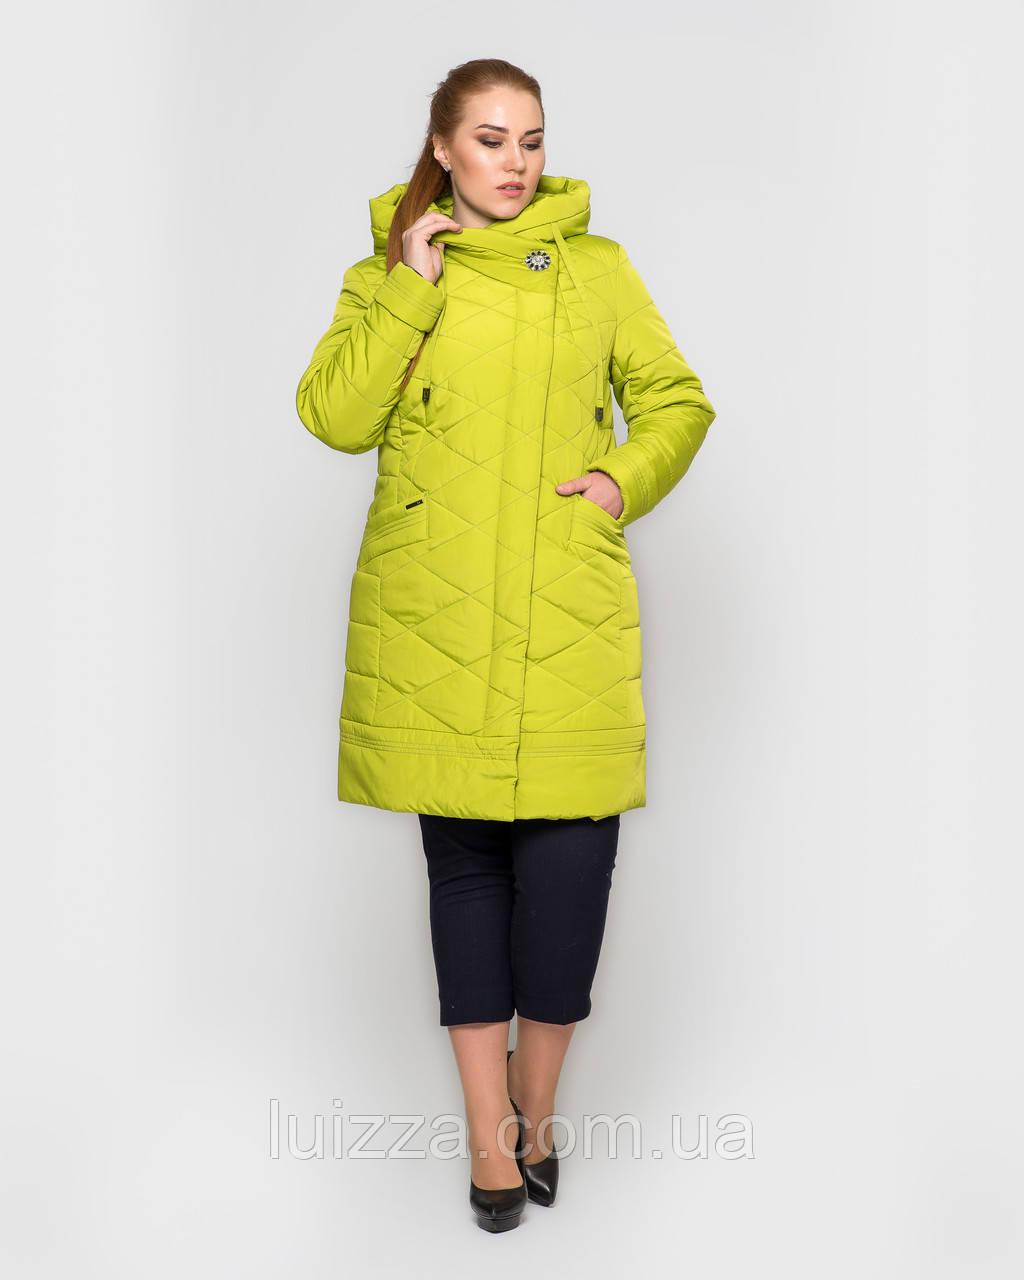 Женская длинная куртка с брошью, 48-58рр лимон 48